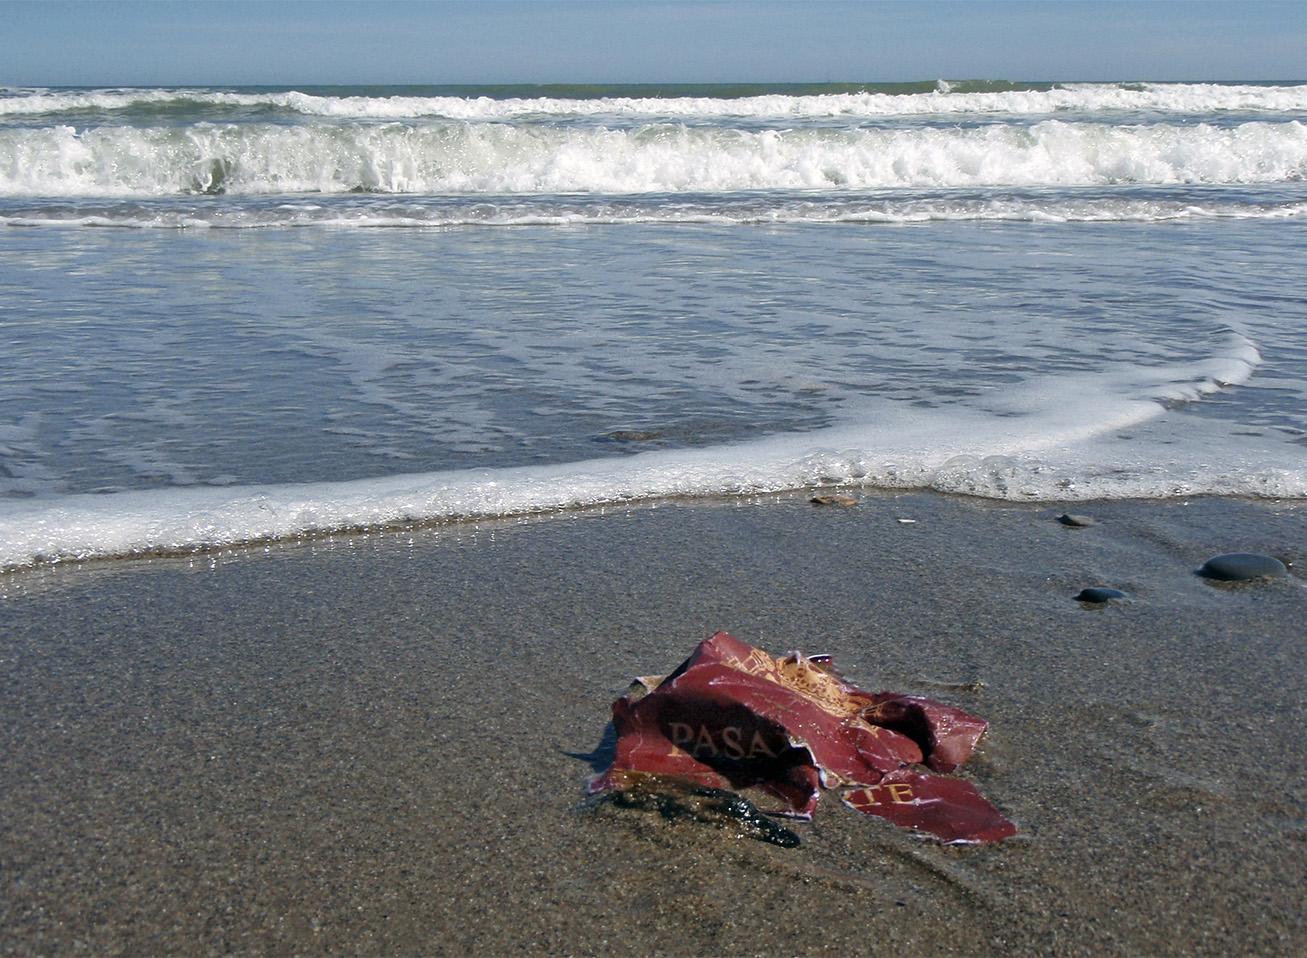 sueños en el mar. 14-memoria del viaje (2008) - Ricardo Calero